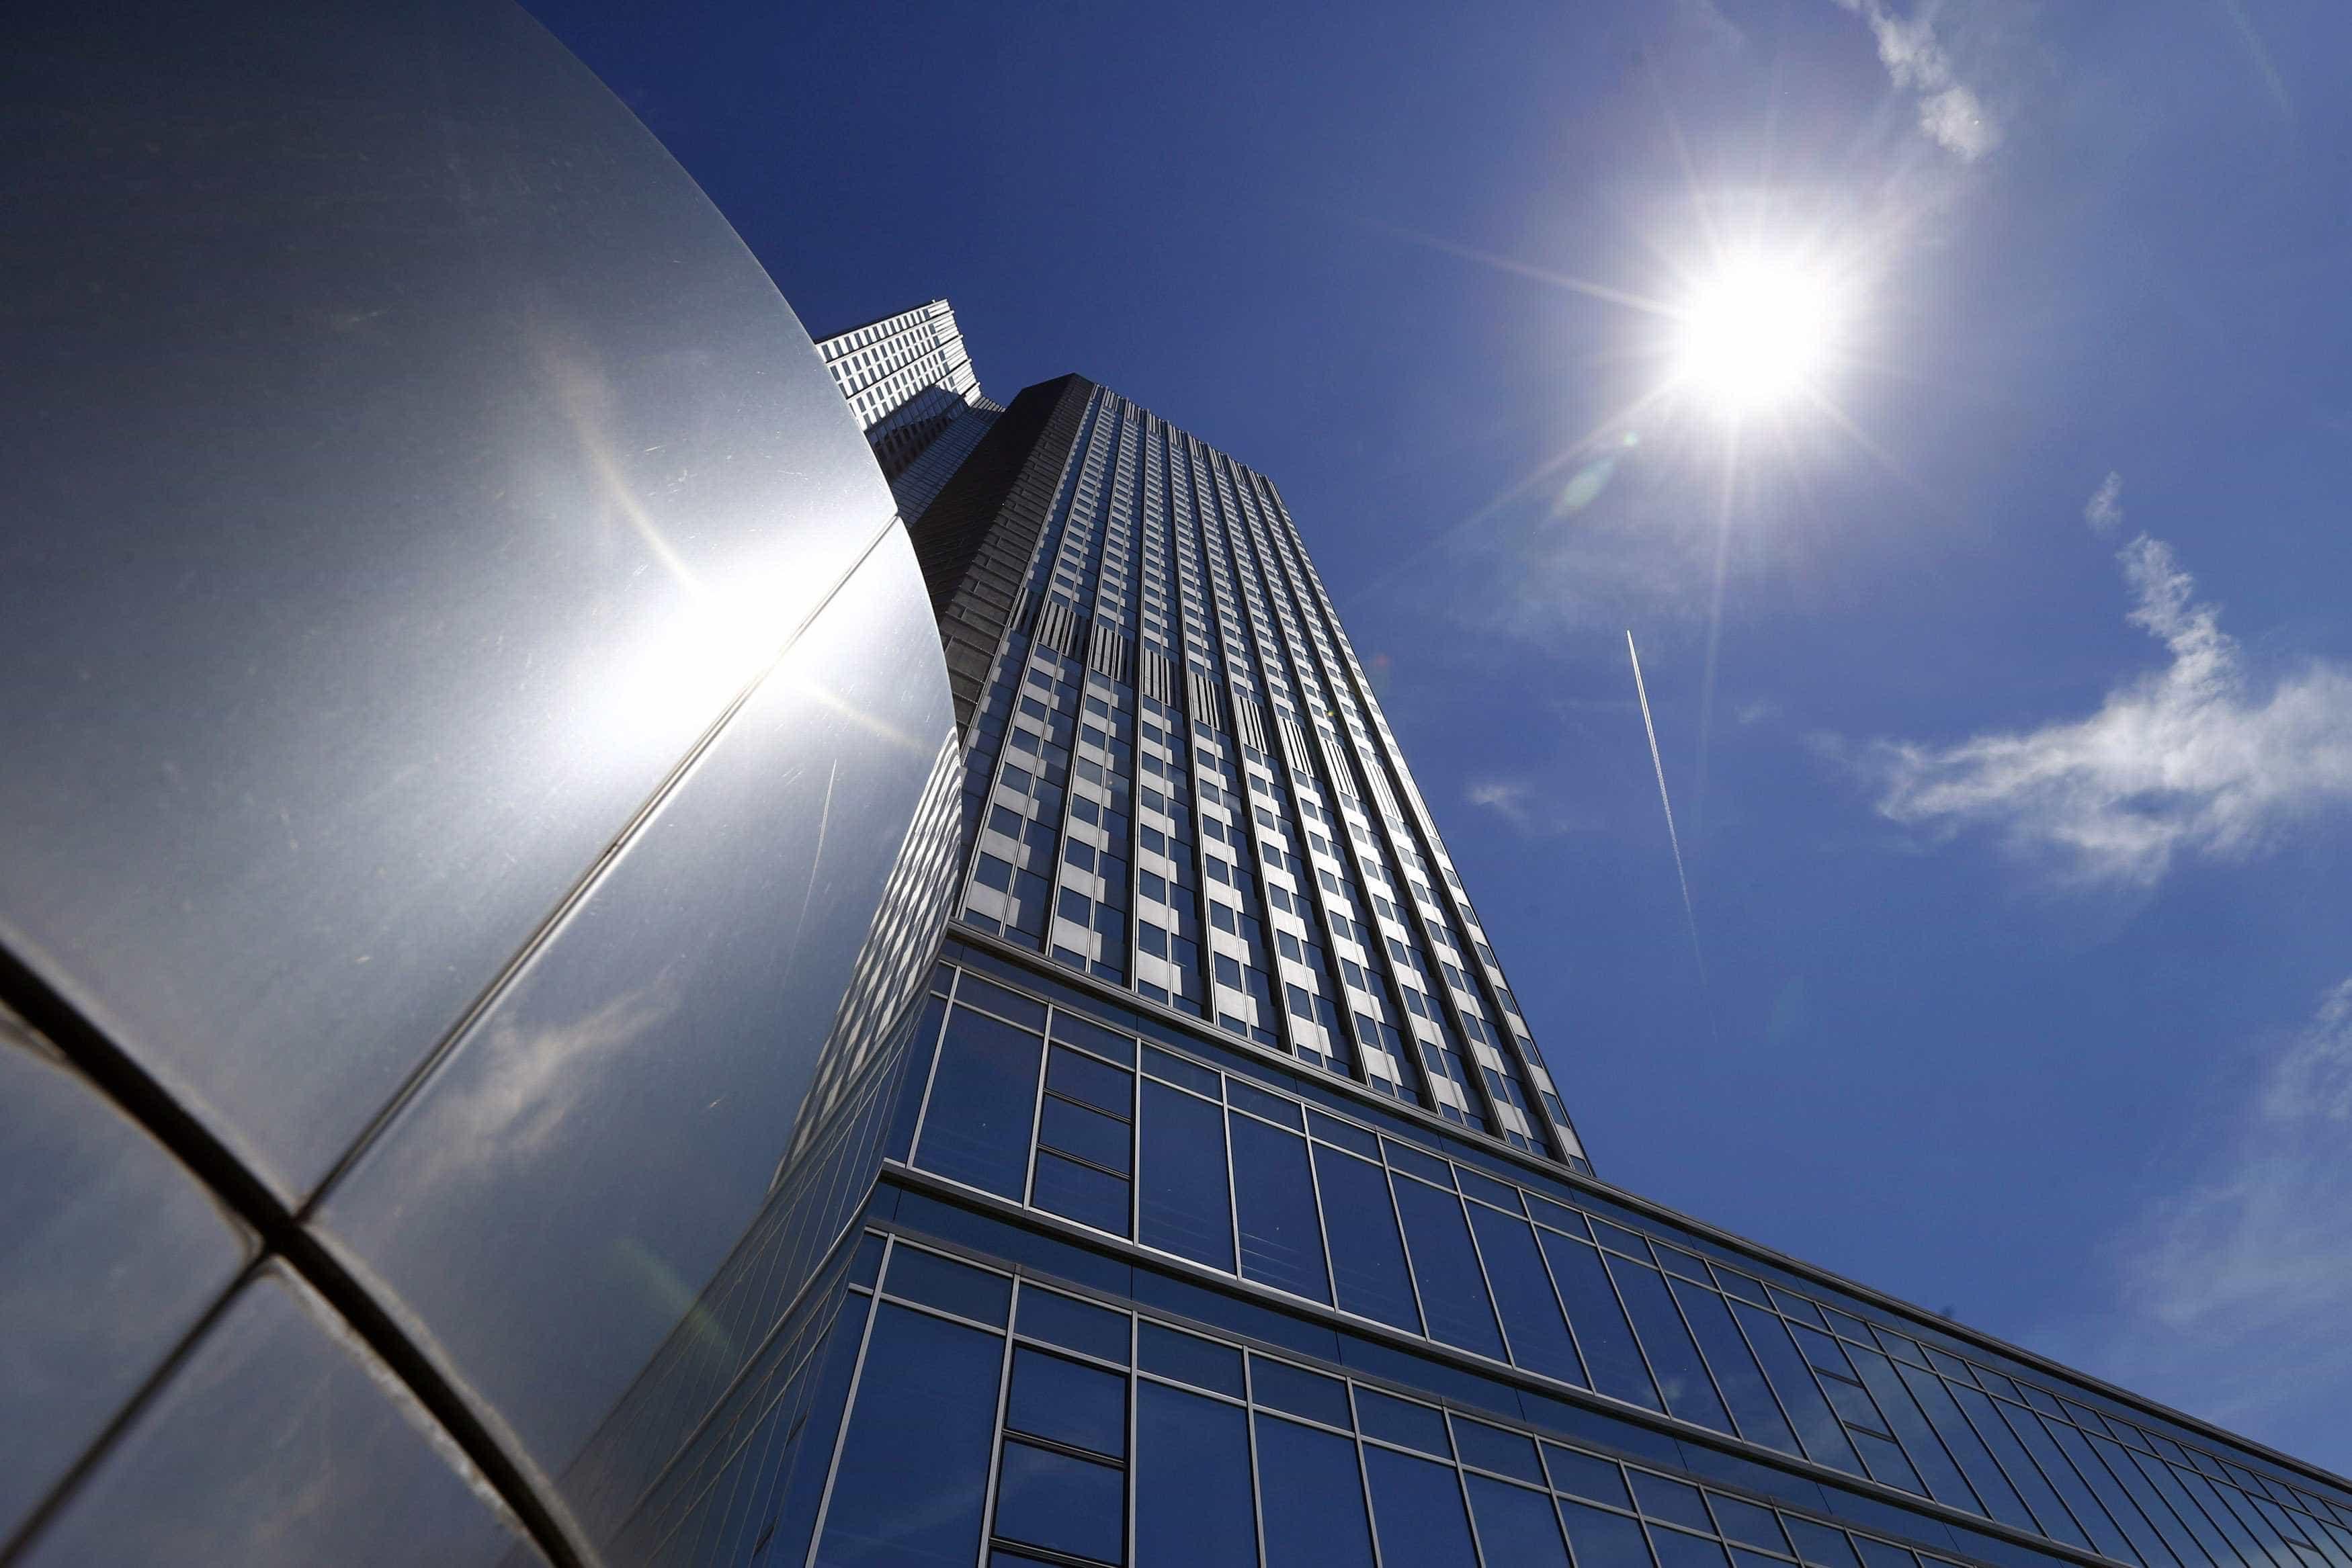 Economistas preveem tom apaziguador do BCE na 4.ª feira